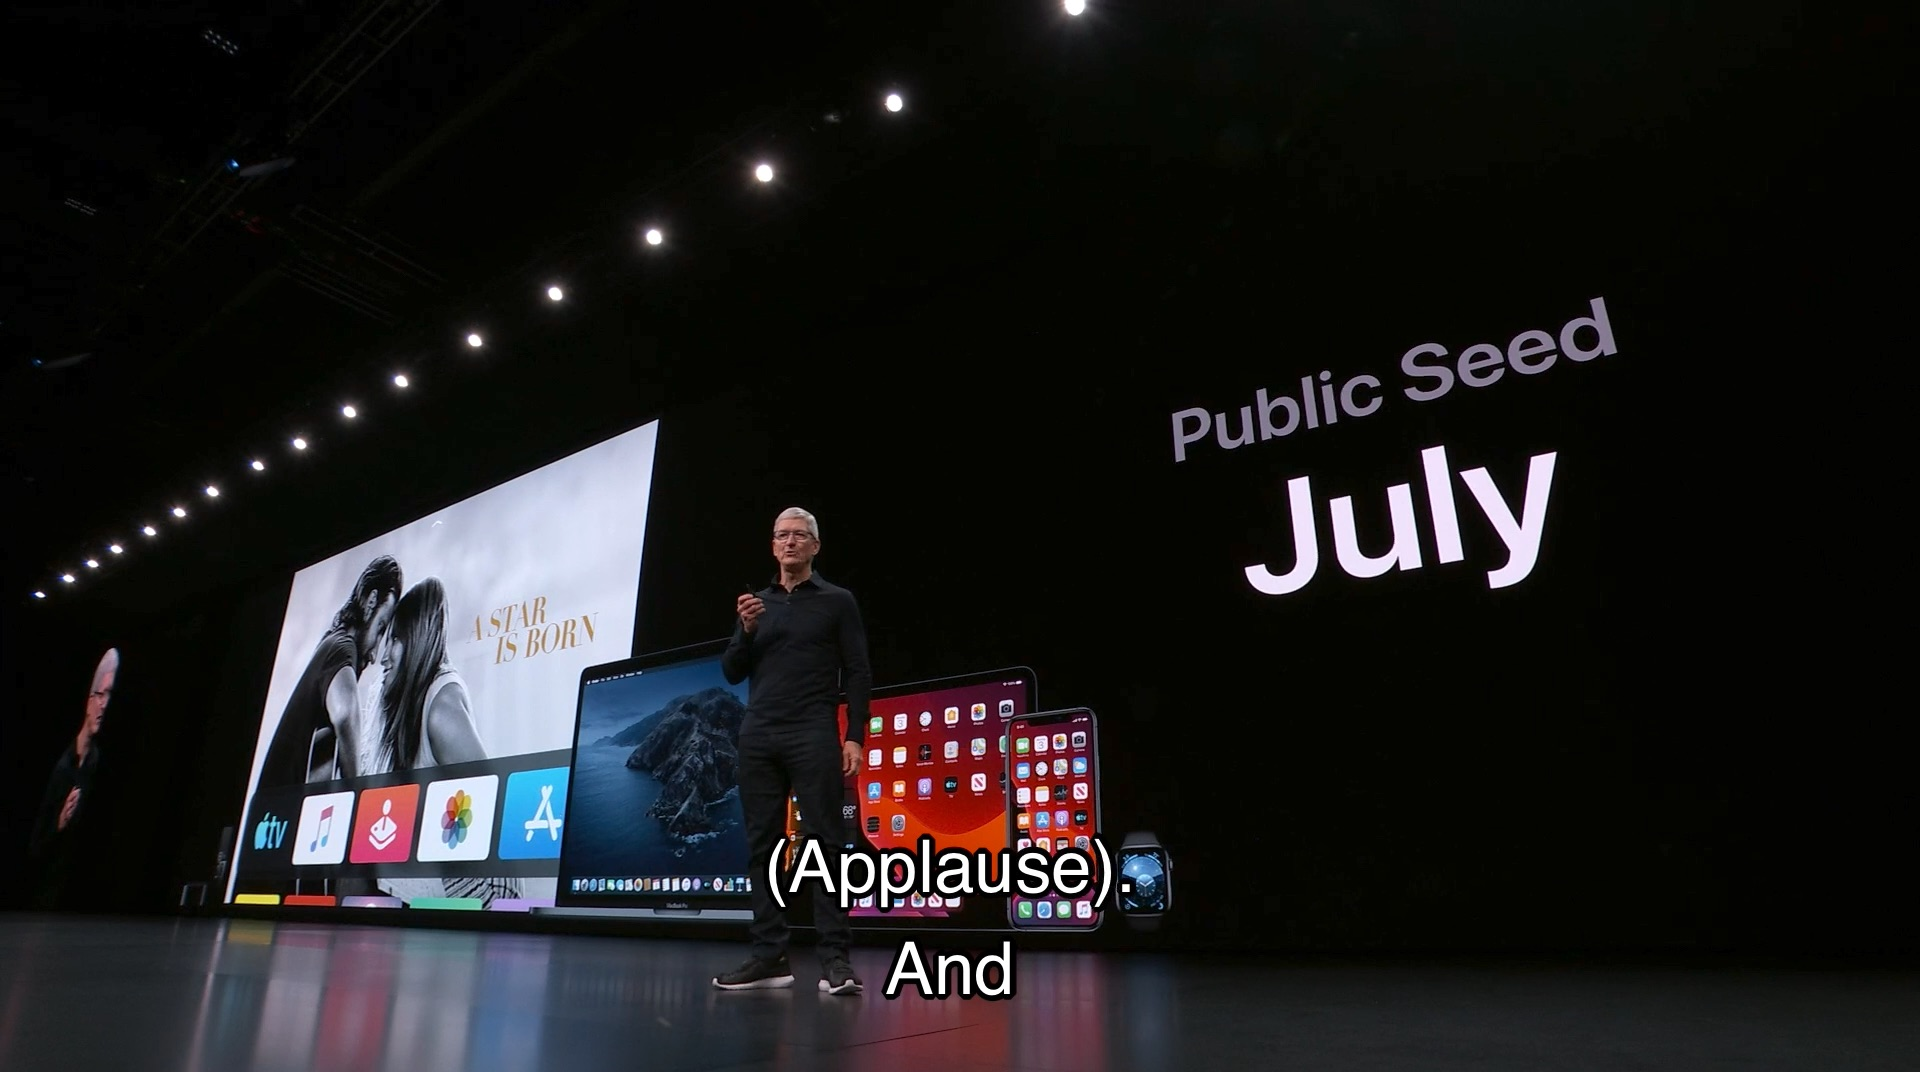 macOS 10.15 Catalina and iOS 13 Public Beta July